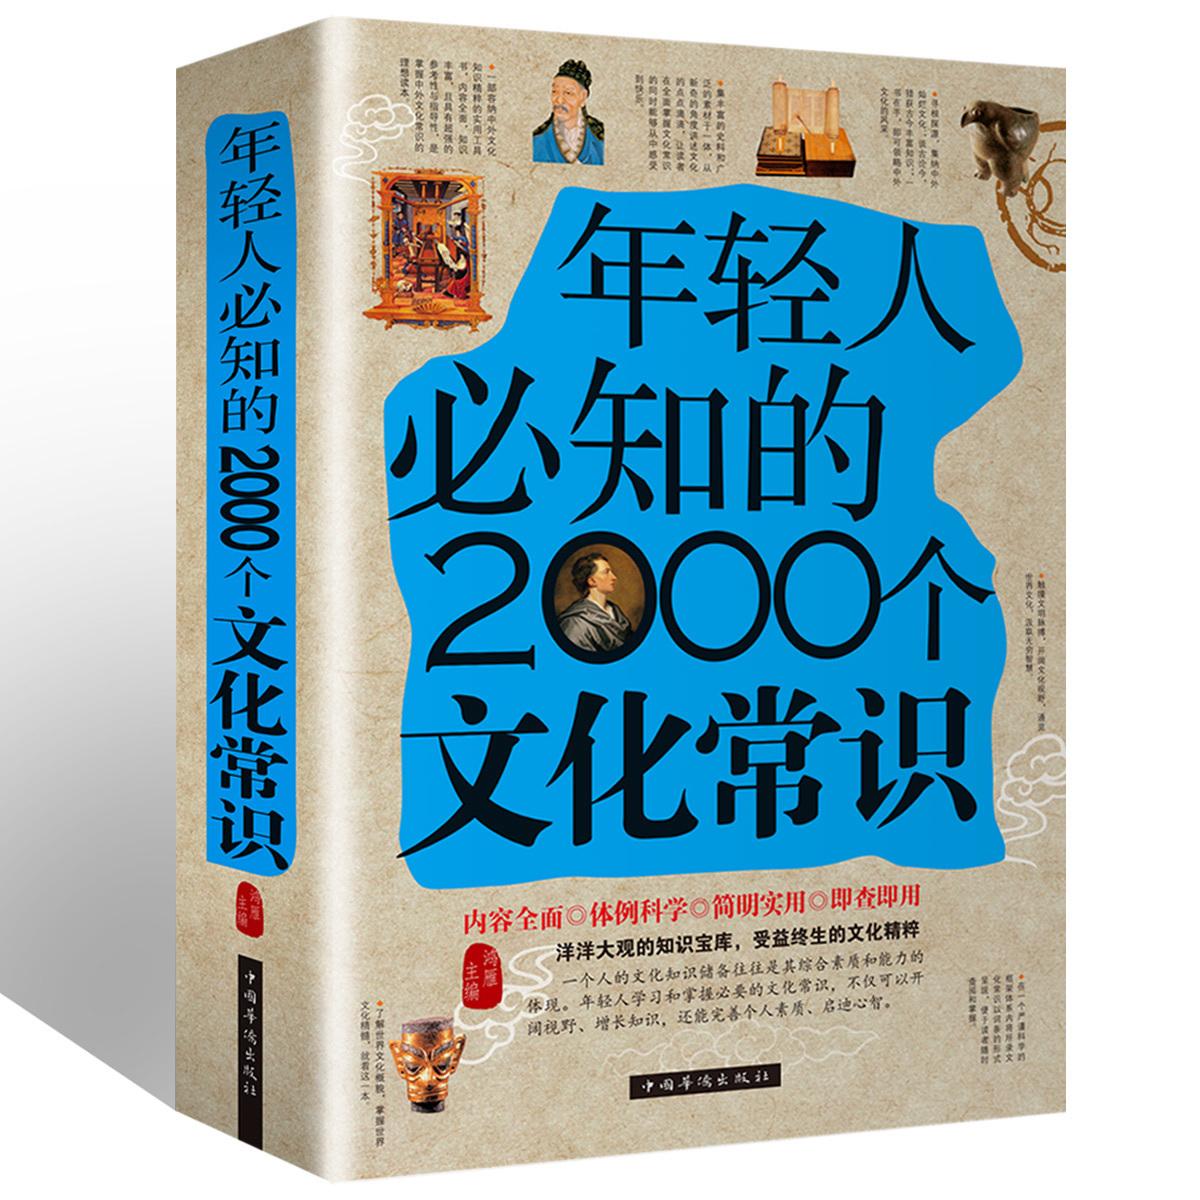 年轻人须知必知的2000个文化常识 要熟知涵盖文化诗歌历史故事提高文化底蕴快速掌握中外文常识理想读本取名书籍中小学生课外读物